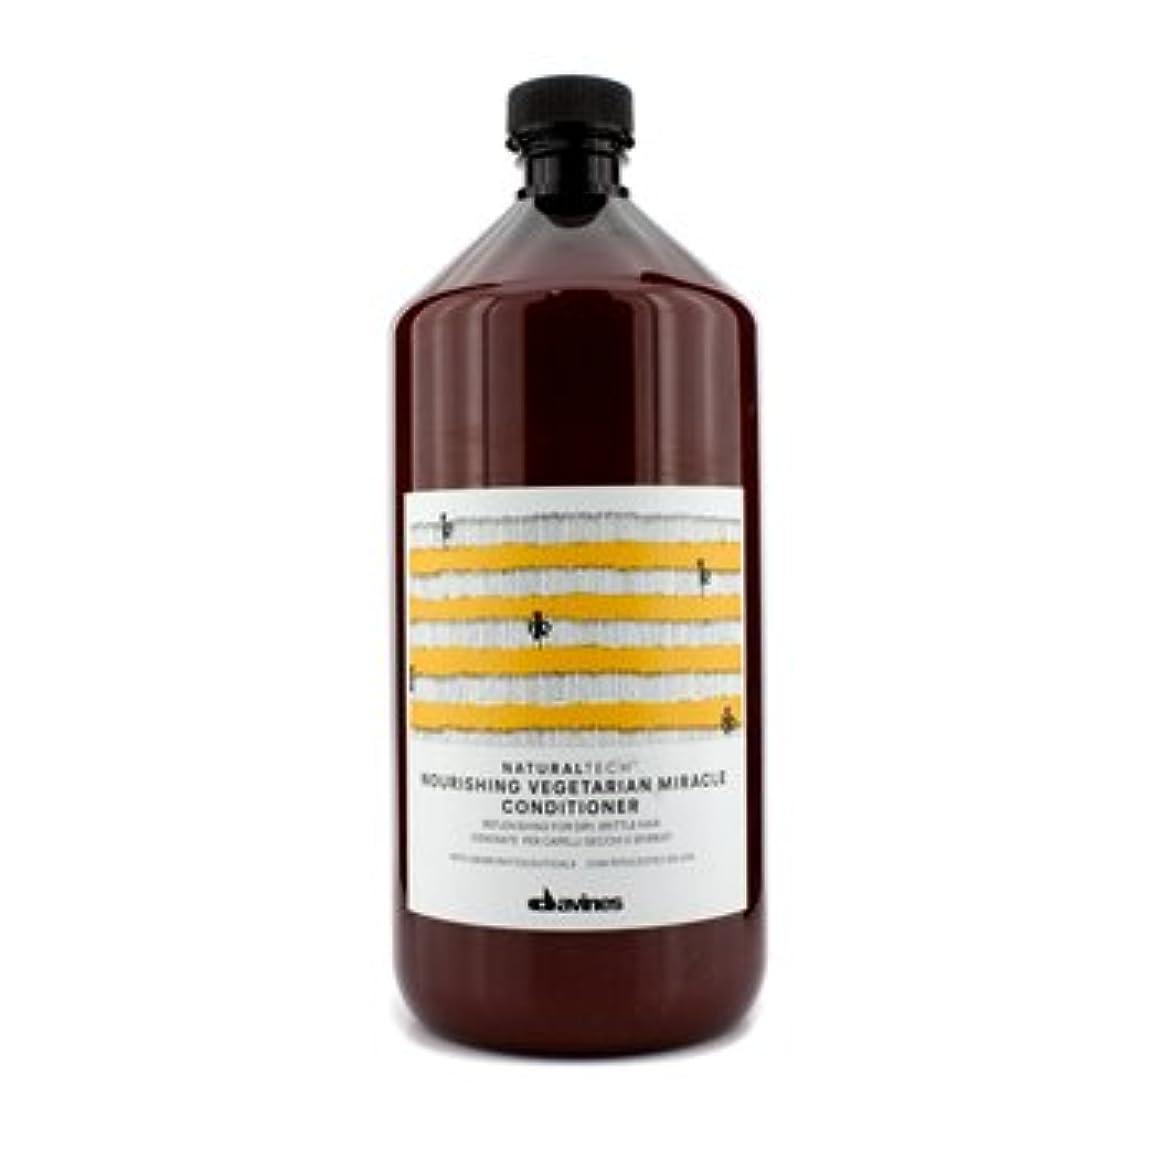 ダヴィネスNatural Tech Nourishing Vegetarian Miracle Conditioner (For Dry, Brittle Hair) 1000ml/33.8oz【海外直送品】